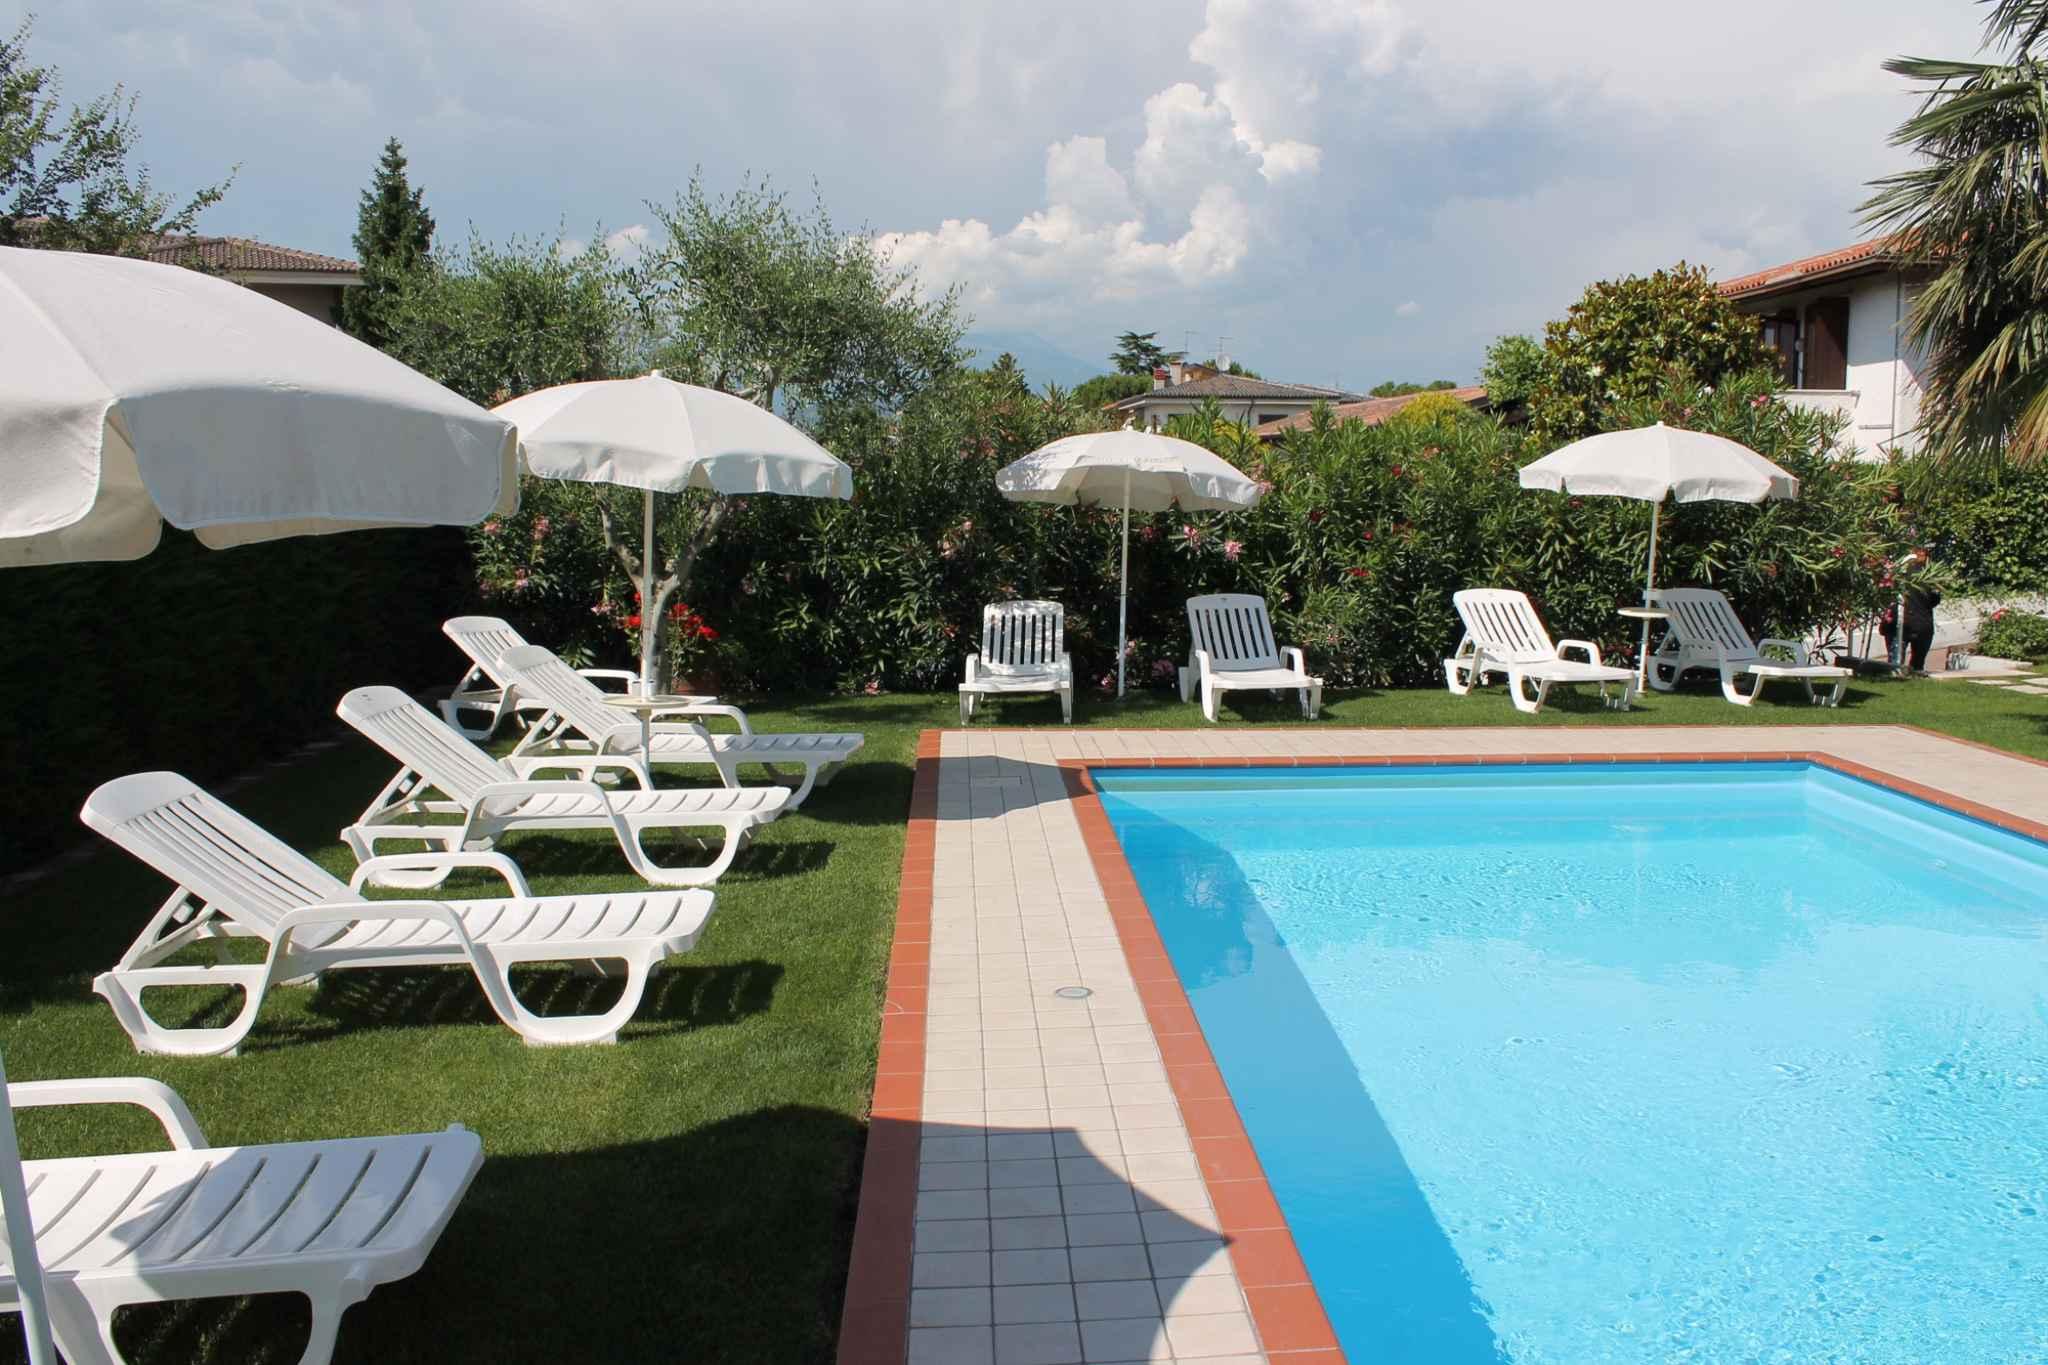 Ferienwohnung con balcone (480312), Lazise, Gardasee, Venetien, Italien, Bild 9